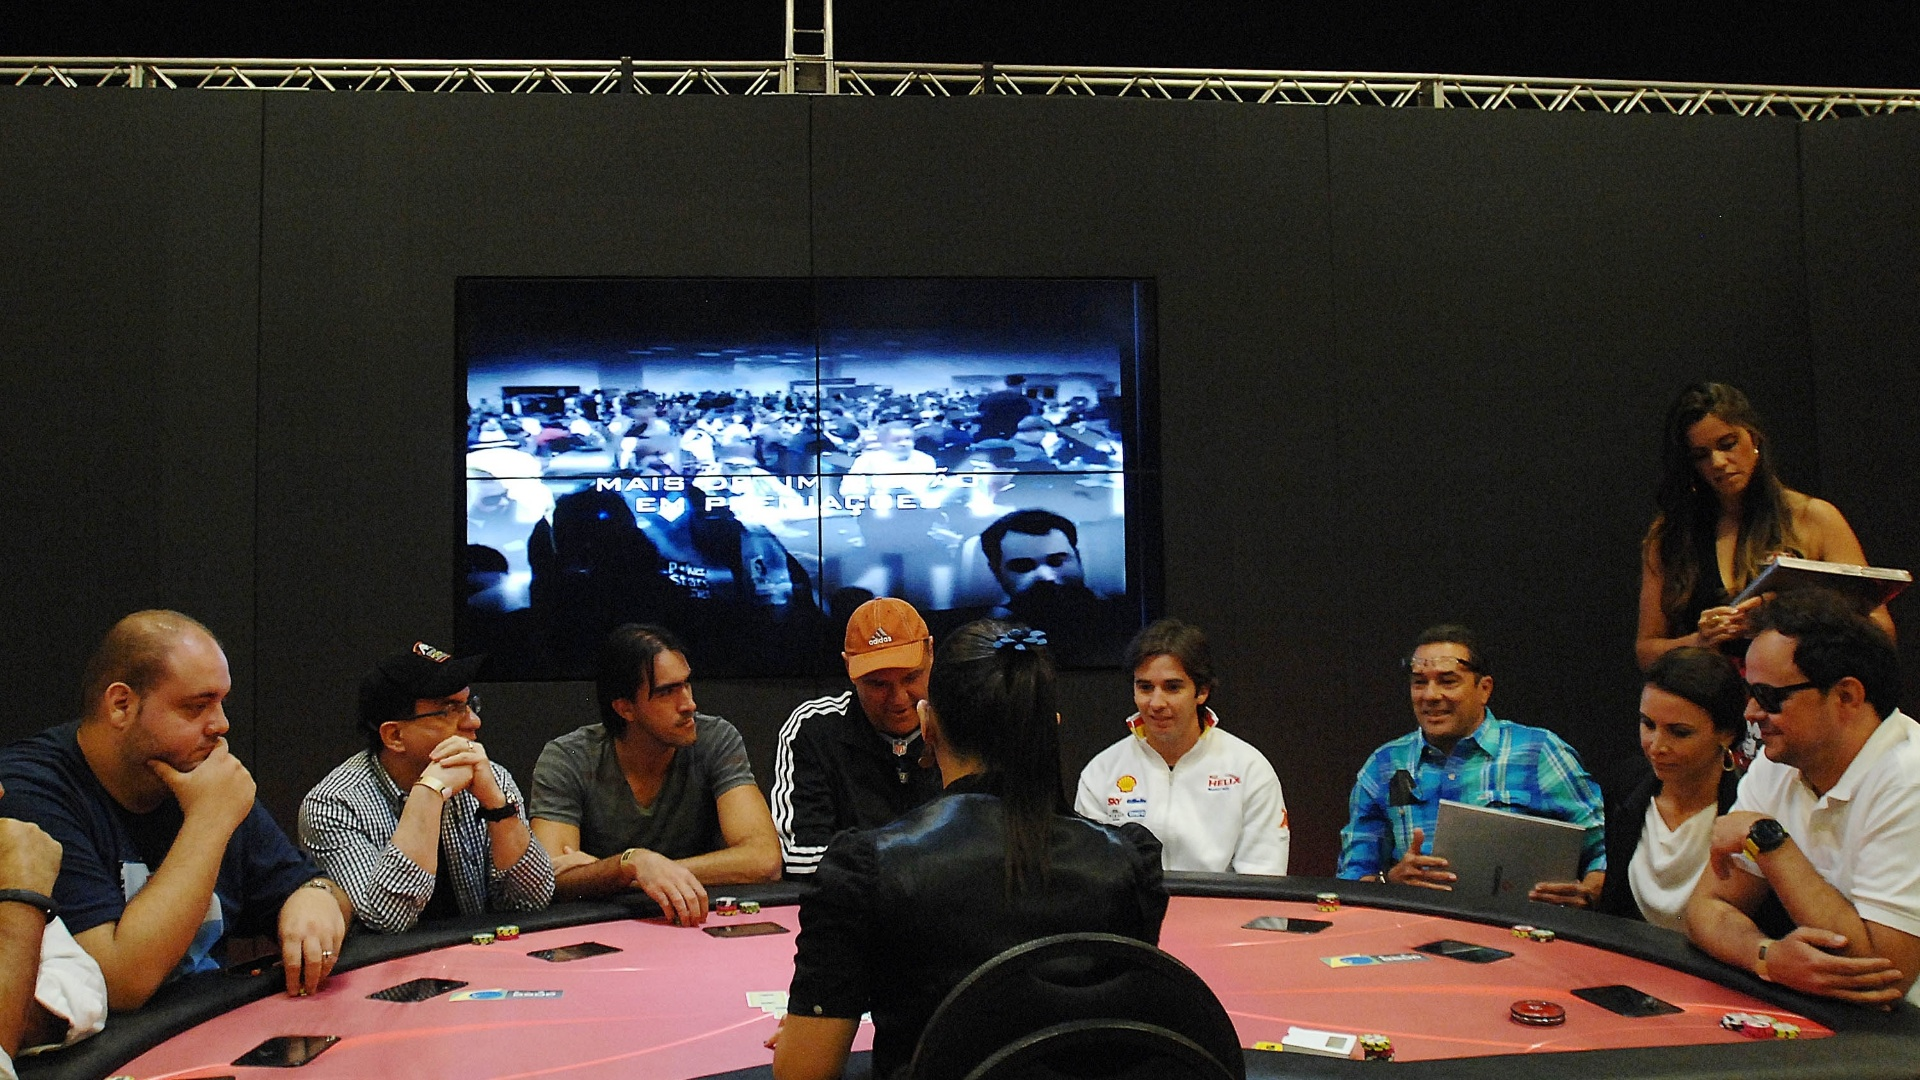 Uma mesa de celebridades foi realizada um dia antes do início do BSOP Millions, um campeonato de pôquer em São Paulo. A grande atração foi o técnico Vanderlei Luxemburgo, que deixou recentemente o Fluminense. Também jogaram Oscar Schmidt, ex-jogador de basquete, Maurren Maggi, campeã olímpica de atletismo, Popó Bueno, piloto da Stock Car, e o humorista do Pânico Carioca, entre outros